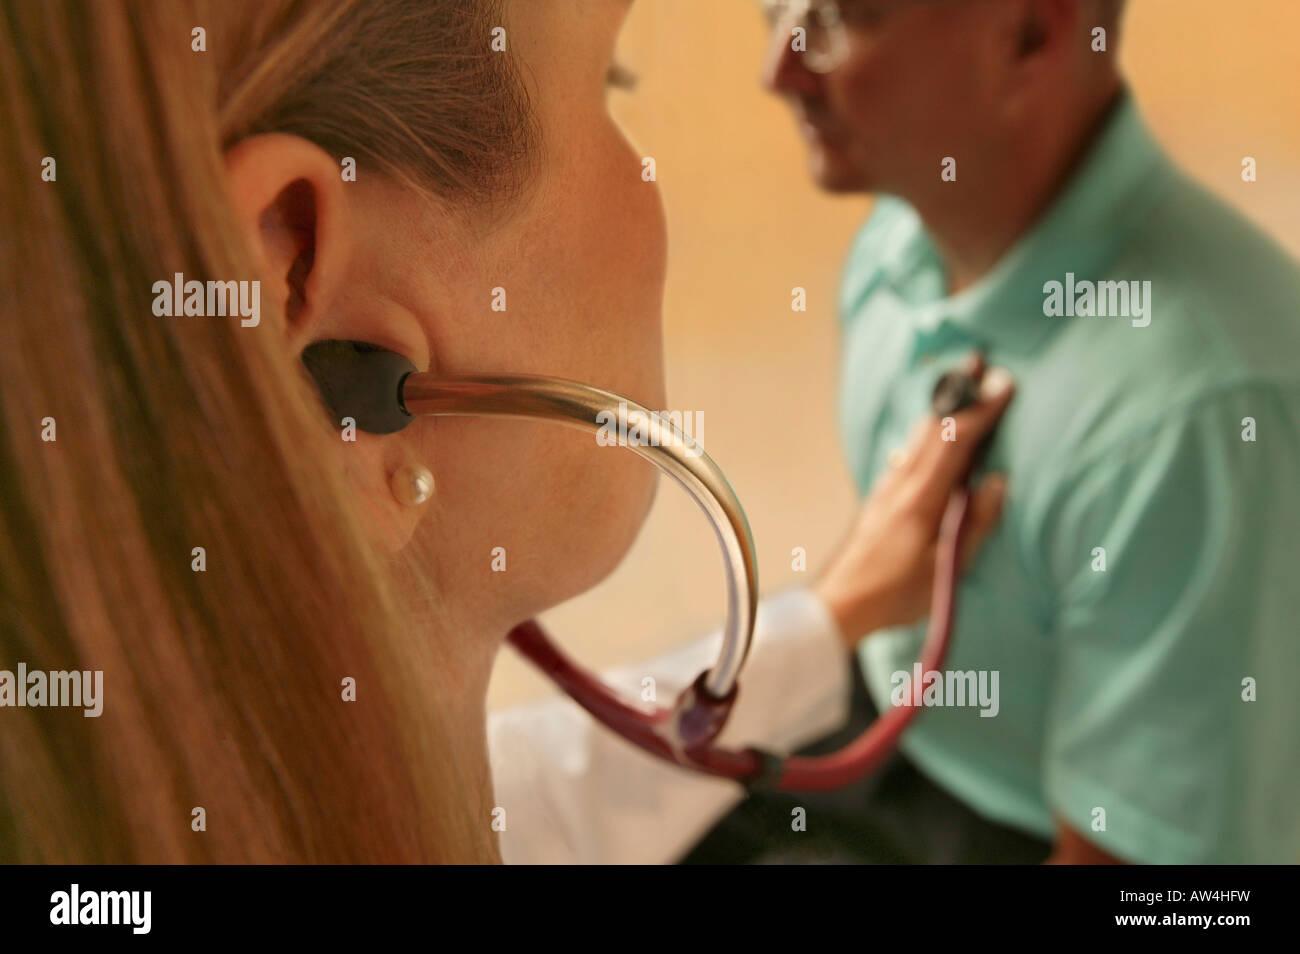 Eine Ärztin verwendet ein Stethoskop zu einem männlichen Patienten Herzen zu hören. Stockbild